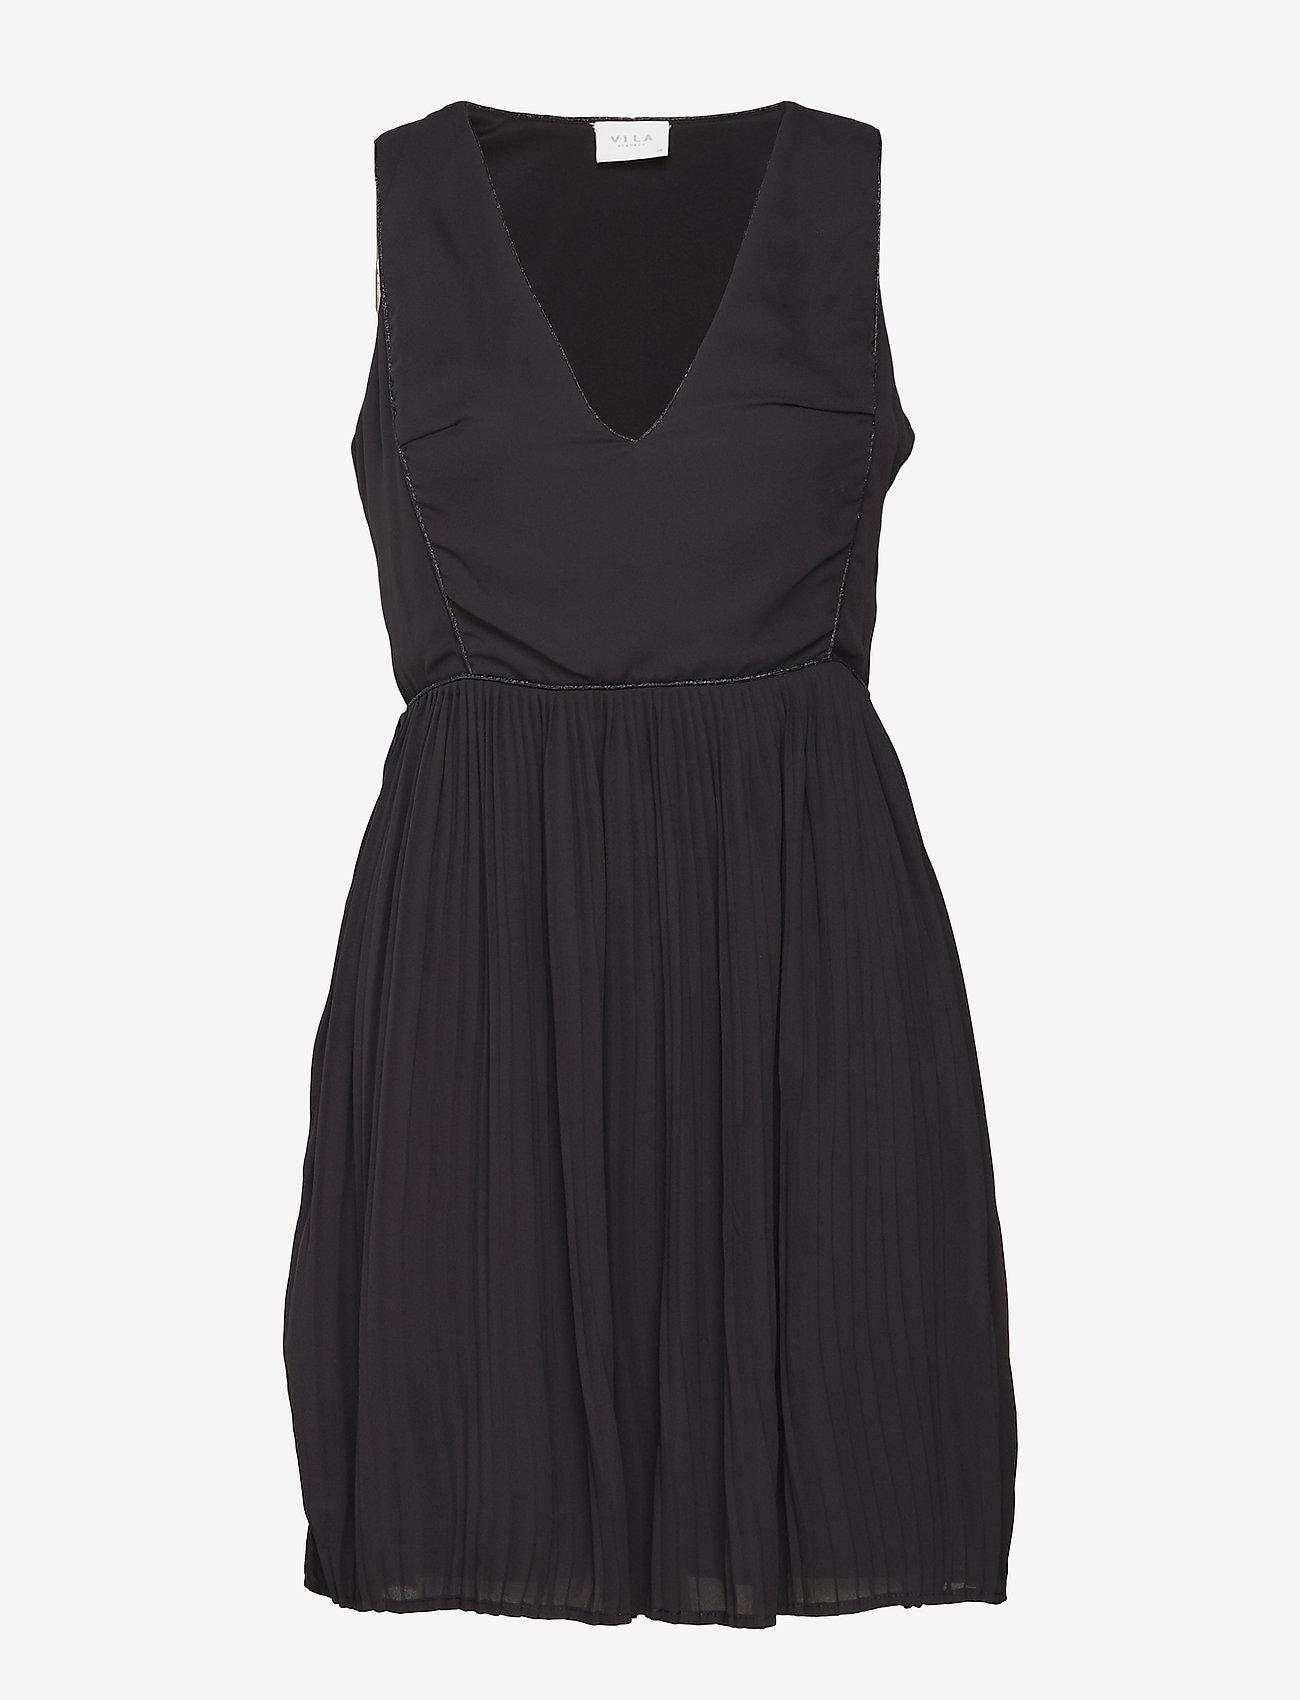 Vila - VILILLA S/L DRESS - midi dresses - black - 0